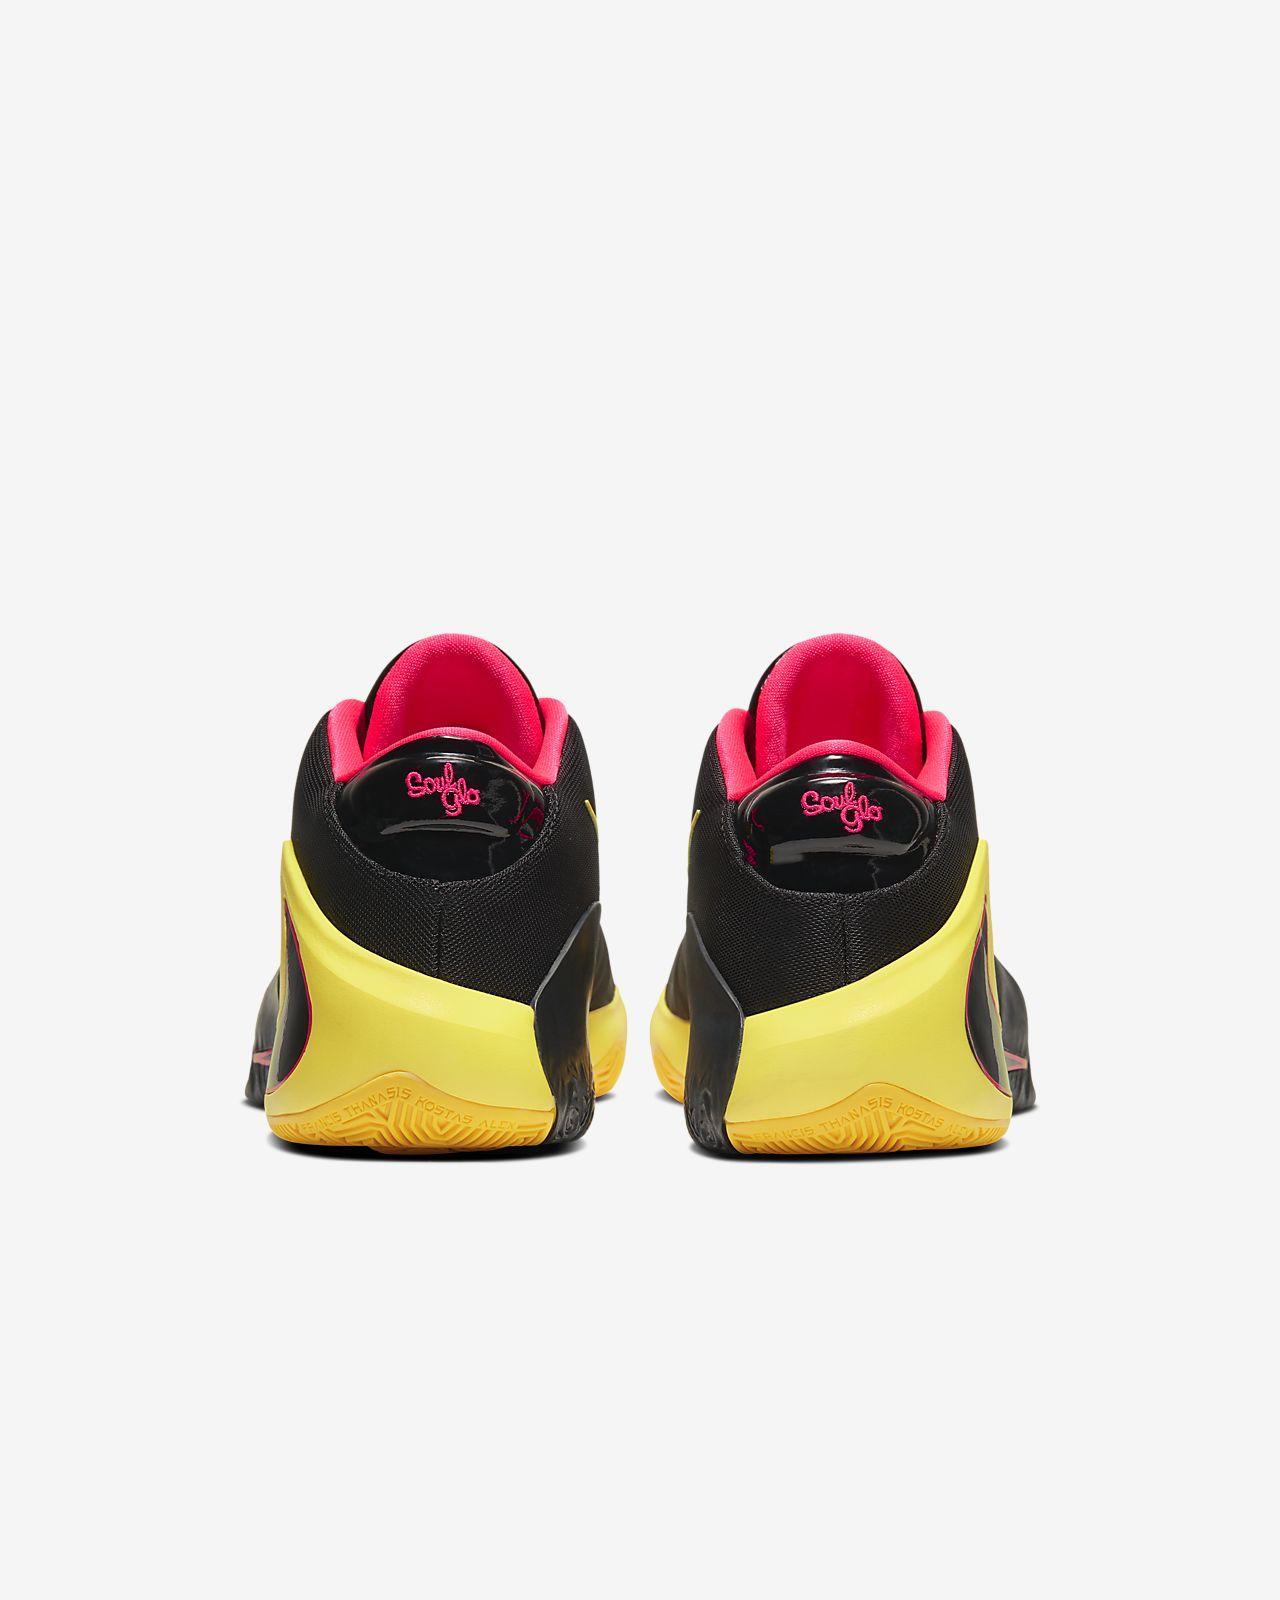 Nike Zoom Freak 1 Soul Glo